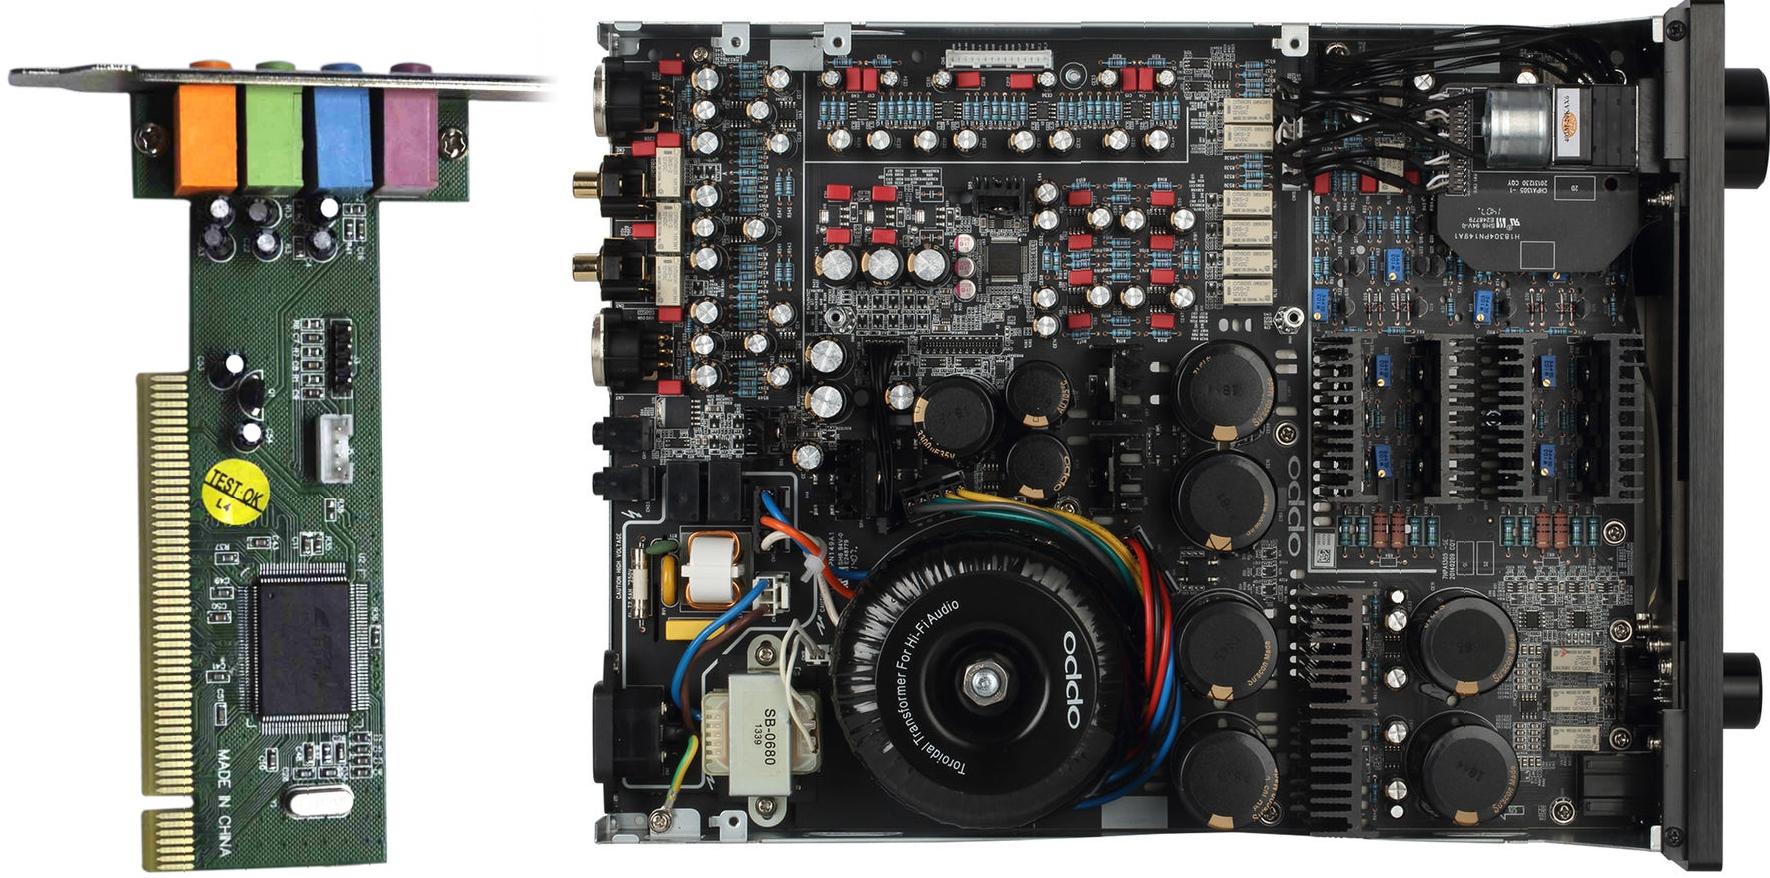 Une carte son d'ordinateur, et l'intérieur d'un DAC Audio USB